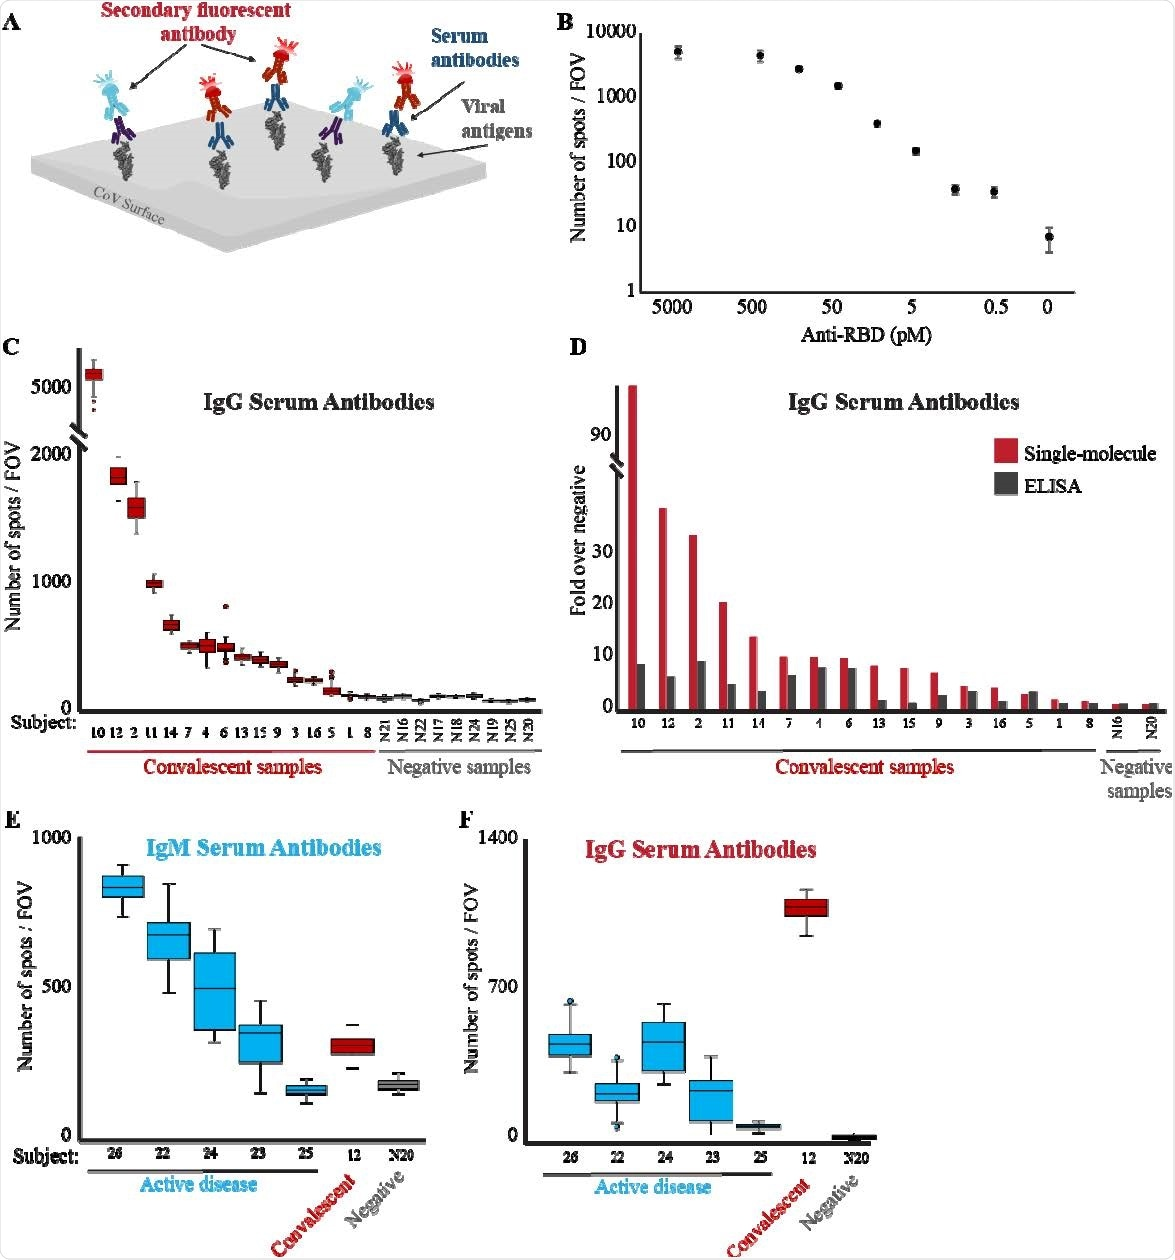 Detección de molécula única de anticuerpos anti-RBD.  (A) Esquema de la prueba de diagnóstico serológico.  Las muestras de suero se incuban con antígeno viral conjugado con biotina (RBD) y se cargan en un cubreobjetos activado con estreptavidina recubierto con PEG.  Se añaden a la celda de flujo y se obtienen imágenes de varios anticuerpos anti-IgG humana (rojo) e IgM (azul claro) marcados con fluorescencia.  (B) Los anticuerpos anti-RBD humanos a las concentraciones indicadas se incubaron con biotina-RBD y se detectaron mediante anticuerpos IgG anti-humanos marcados con fluorescencia.  El LoD de anticuerpos se encuentra en concentraciones picomolares.  Ambos ejes están en escala logarítmica y el punto de datos sin anticuerpos anti-RBD no está a escala.  (C) Las muestras de suero de sujetos convalecientes o no infectados se diluyeron 1: 2500 y se analizaron como se describe en B para detectar la presencia de anticuerpos IgG anti-RBD en el suero de los sujetos.  El diagrama de caja muestra el número de puntos por campo de visión para todos los campos de visión fotografiados para cada muestra.  Los valores medios de cada grupo se compararon mediante la prueba t, valor p <0,05.  (D) Comparación entre la detección de una sola molécula y ELISA de anticuerpos anti-RBD.  Se realizaron imágenes de una sola molécula y ELISA contra anticuerpos anti-RBD en las mismas muestras.  Las señales de cada ensayo se normalizaron en comparación con las muestras de suero negativas.  La formación de imágenes de una sola molécula proporciona una mayor sensibilidad y rango dinámico en la detección de anticuerpos anti-RBD en suero.  (EF) El suero de sujetos con una enfermedad COVID-19 activa (azul), sujetos convalecientes (rojo) o no infectados (gris), se diluyó 1: 2500, se incubó con biotina-RBD y se cargó en una superficie recubierta de estreptavidrio.  Se obtuvieron imágenes y se cuantificaron anticuerpos anti-IgM (E) o IgG (F) humanos marcados con fluorescencia.